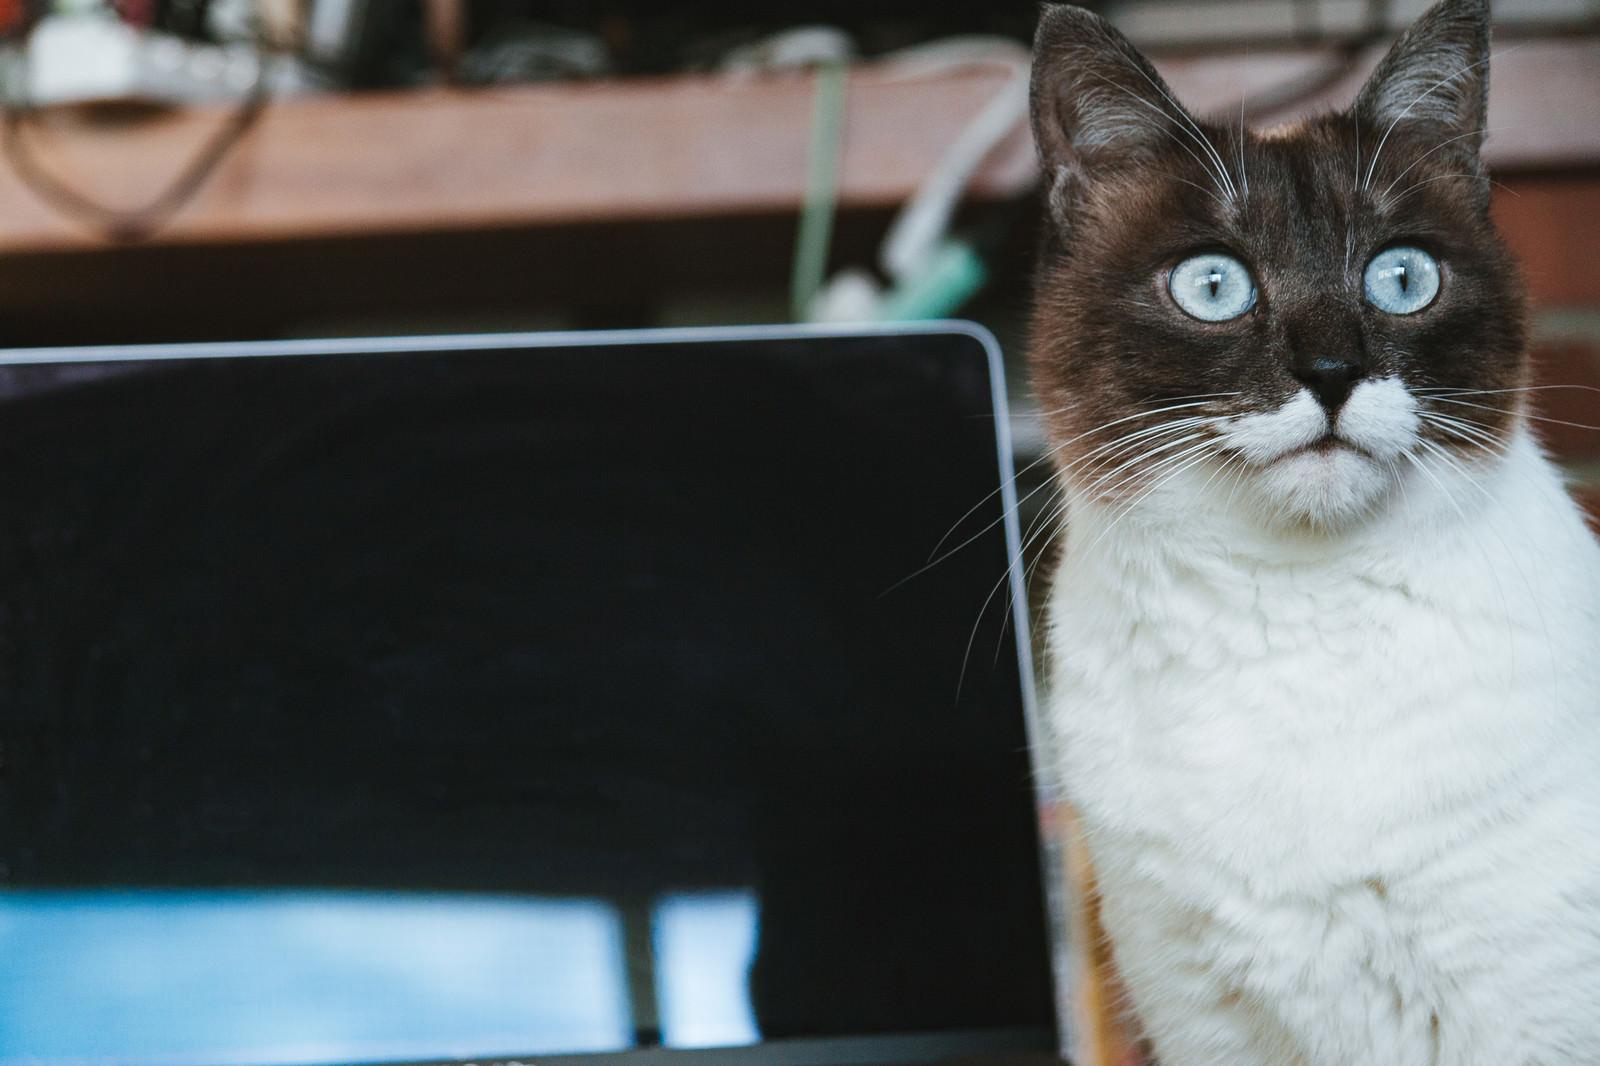 使用Macbook搜尋網頁的貓咪圖片|SEO優化|達內教育